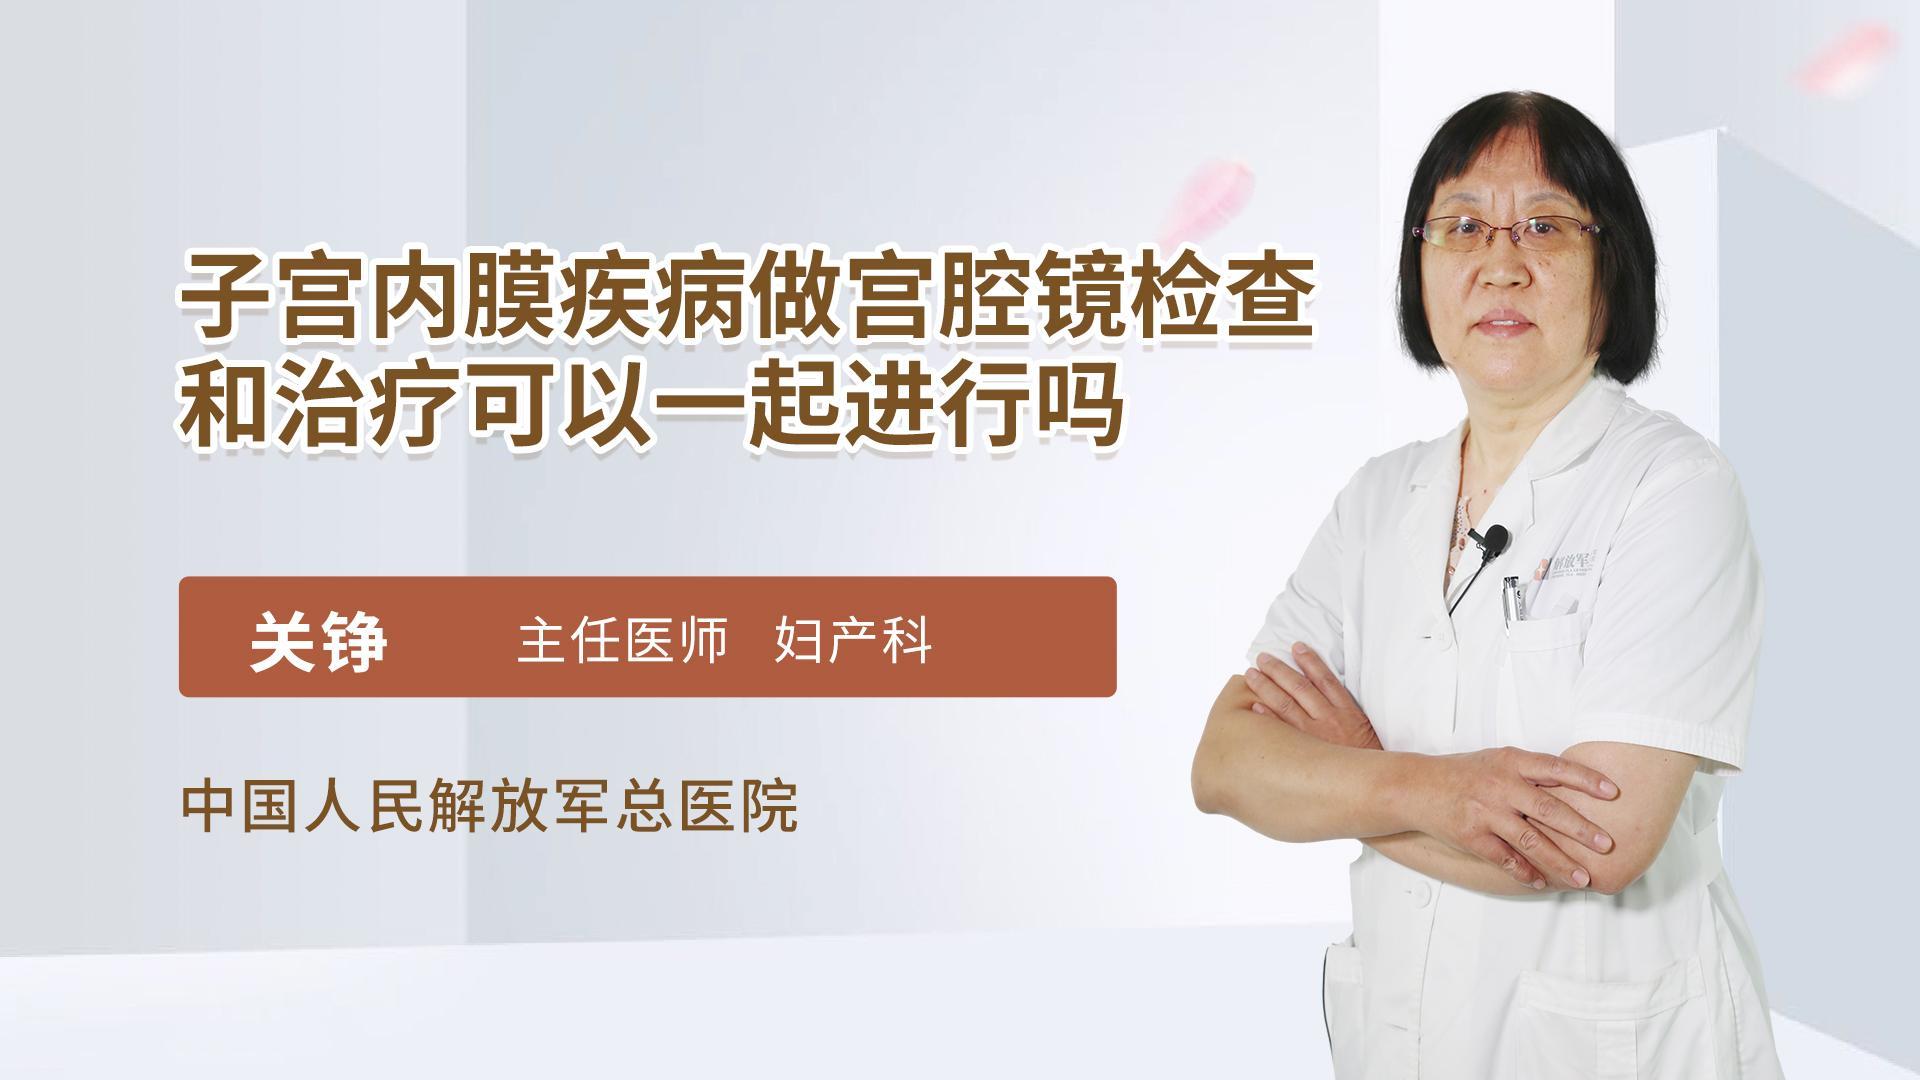 子宫内膜疾病做宫腔镜检查和治疗可以一起进行吗